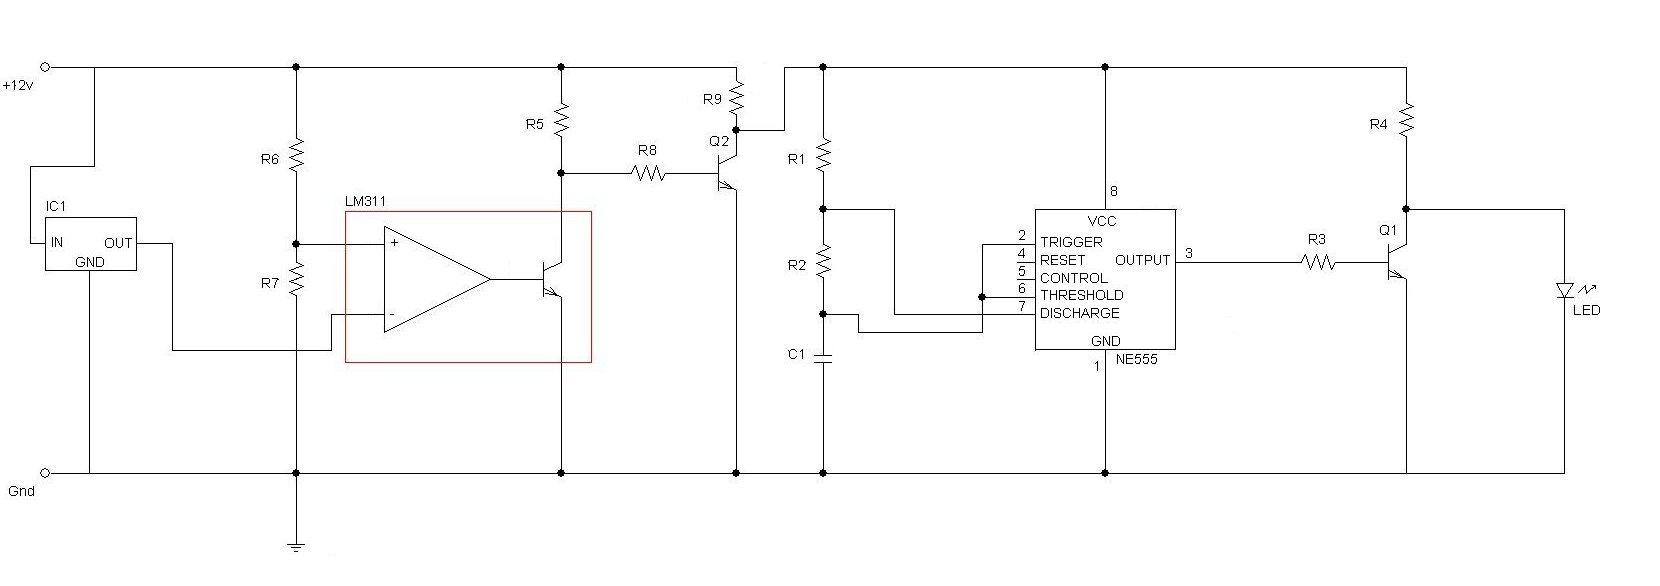 Schema Elettrico Auto : Elettronica led auto